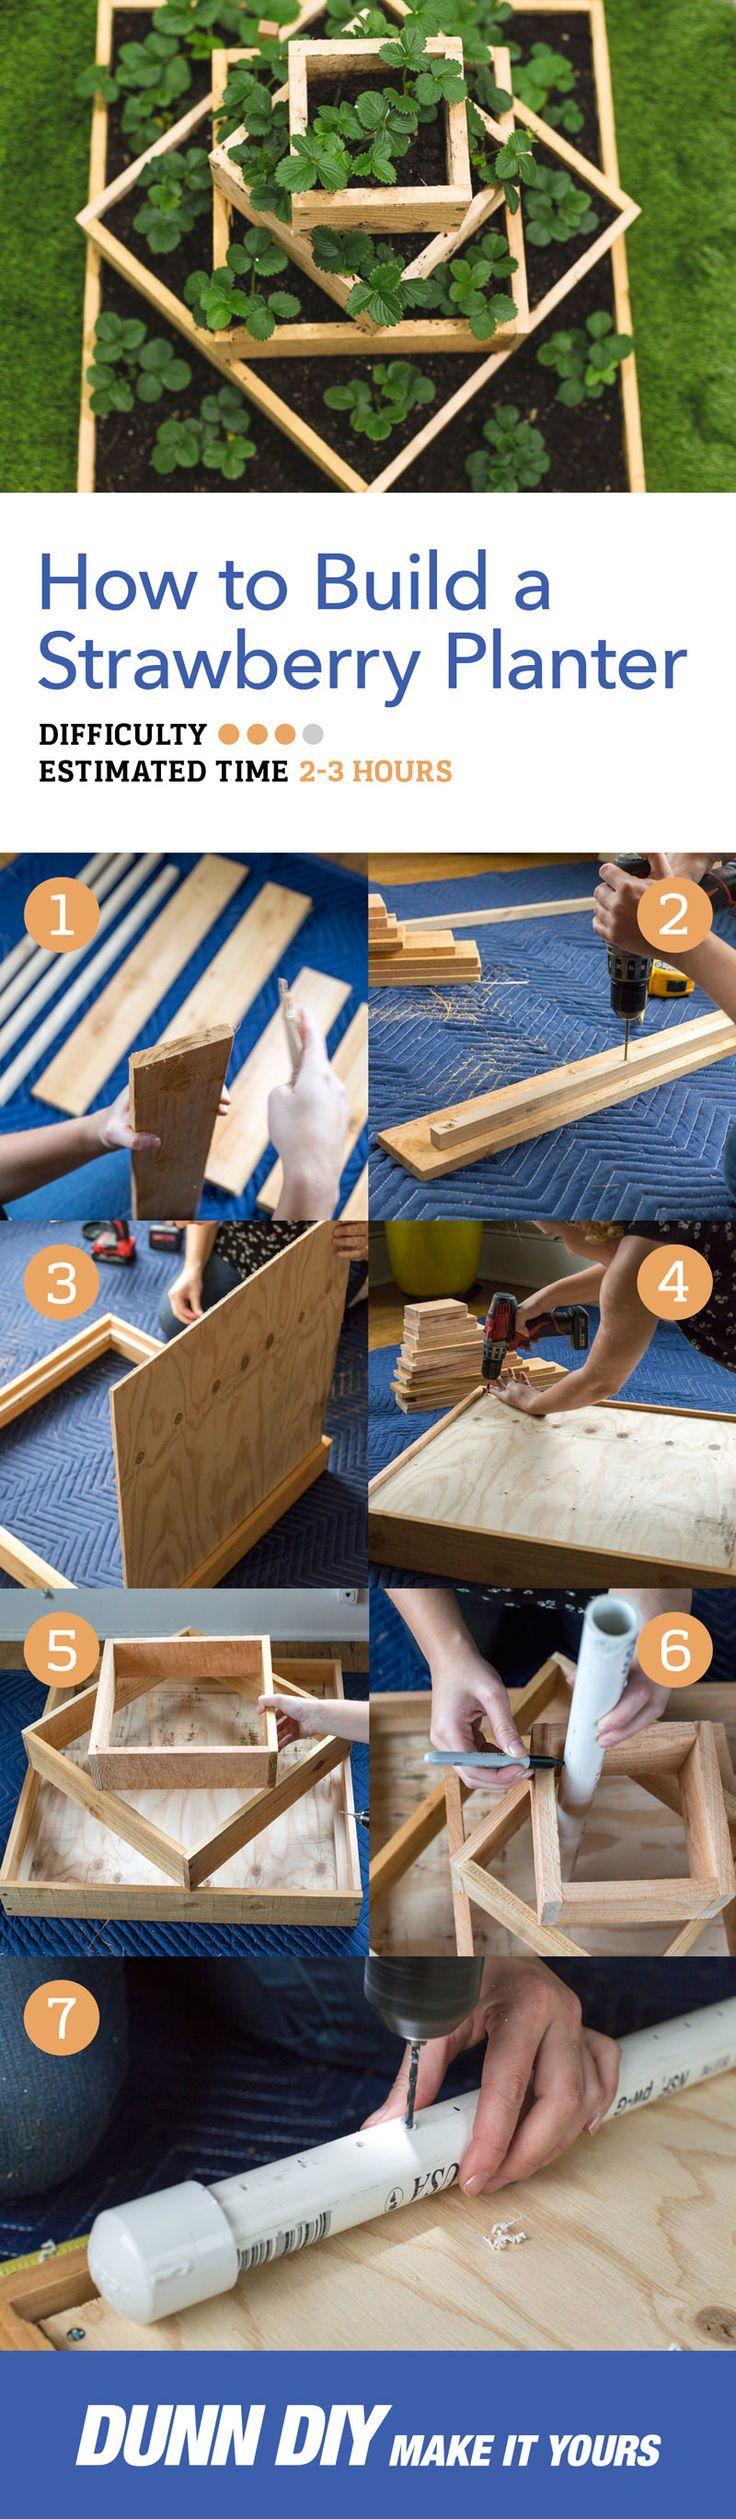 Woodworking Projects and Plans for Beginners | Trädgårdsskötsel, Trädgårdsarbete och Växter